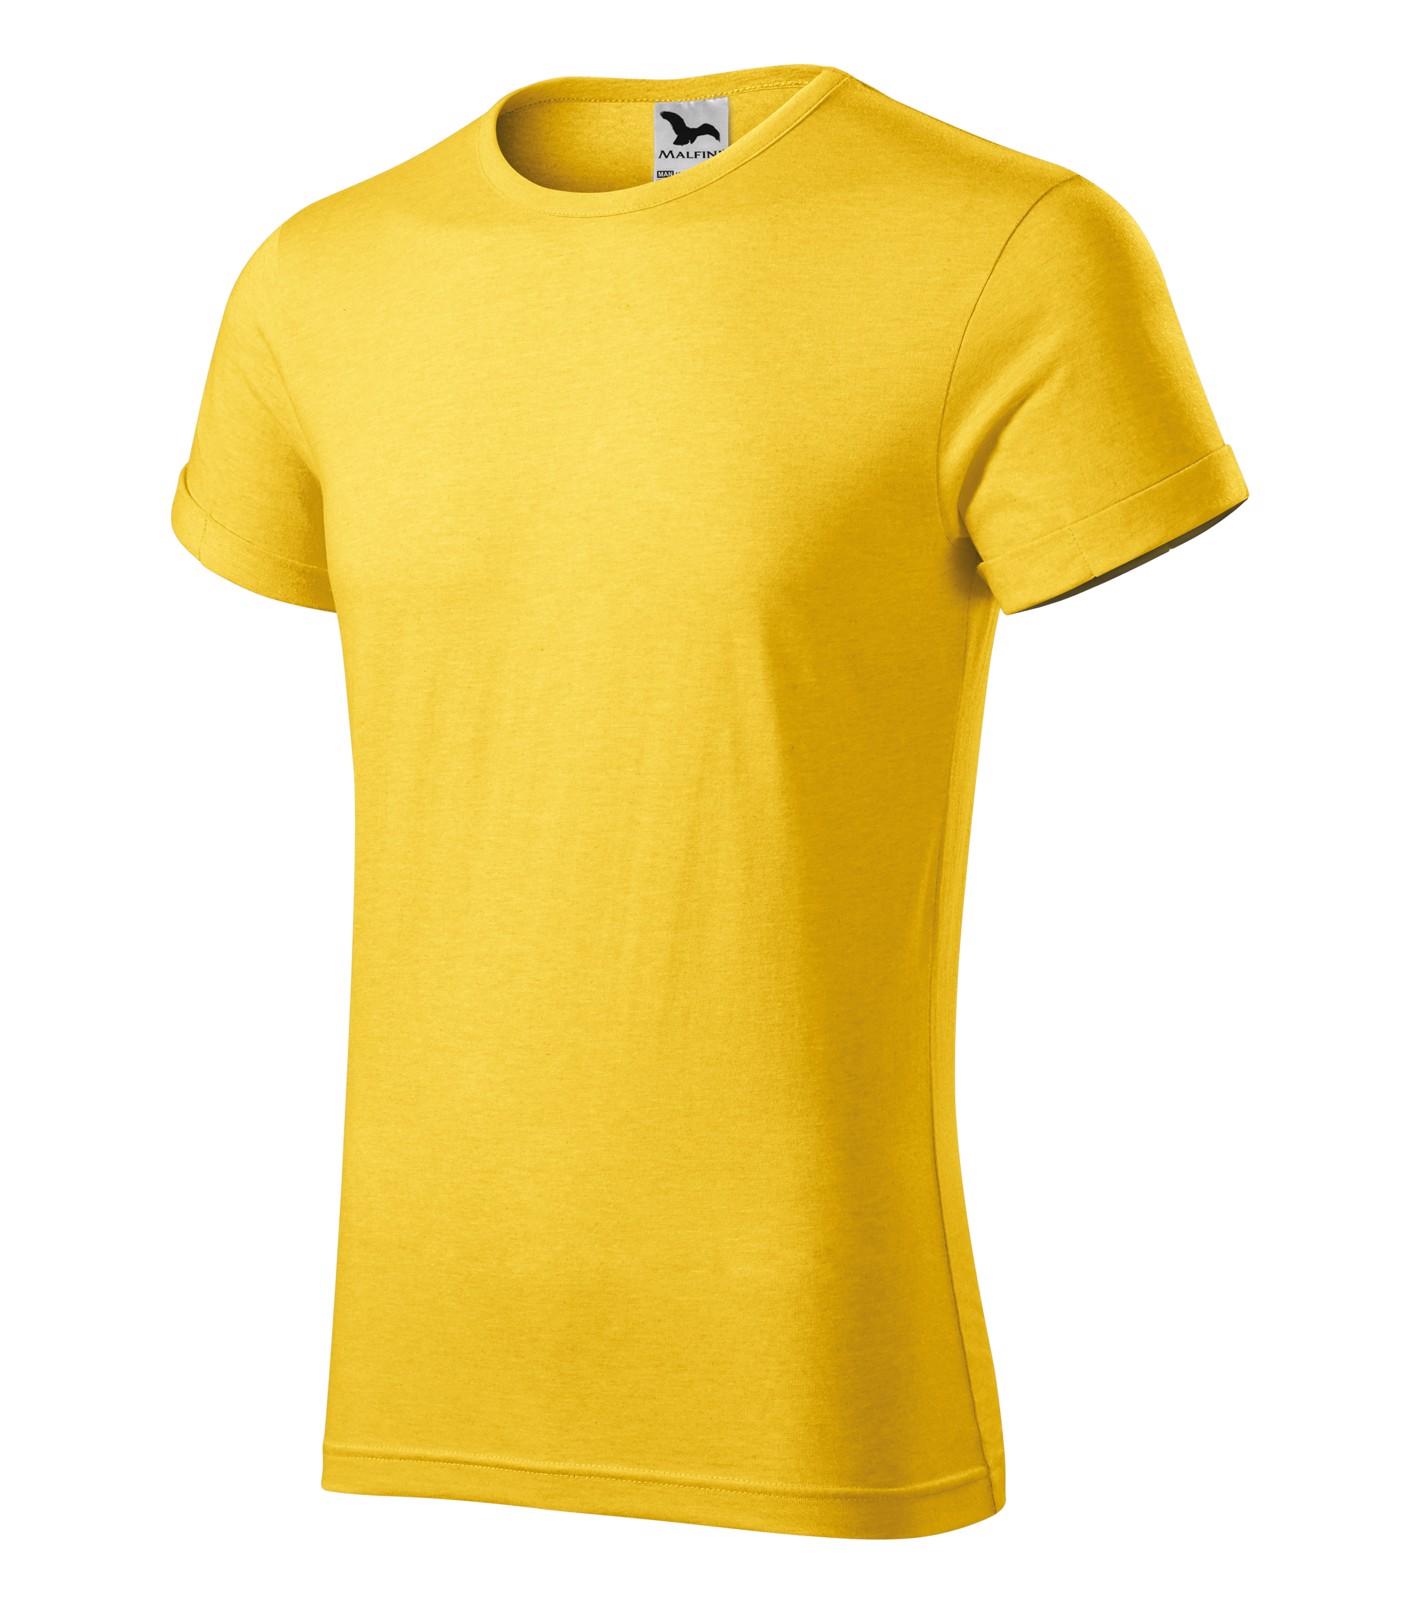 Tričko pánské Malfini Fusion - Žlutý Melír / L